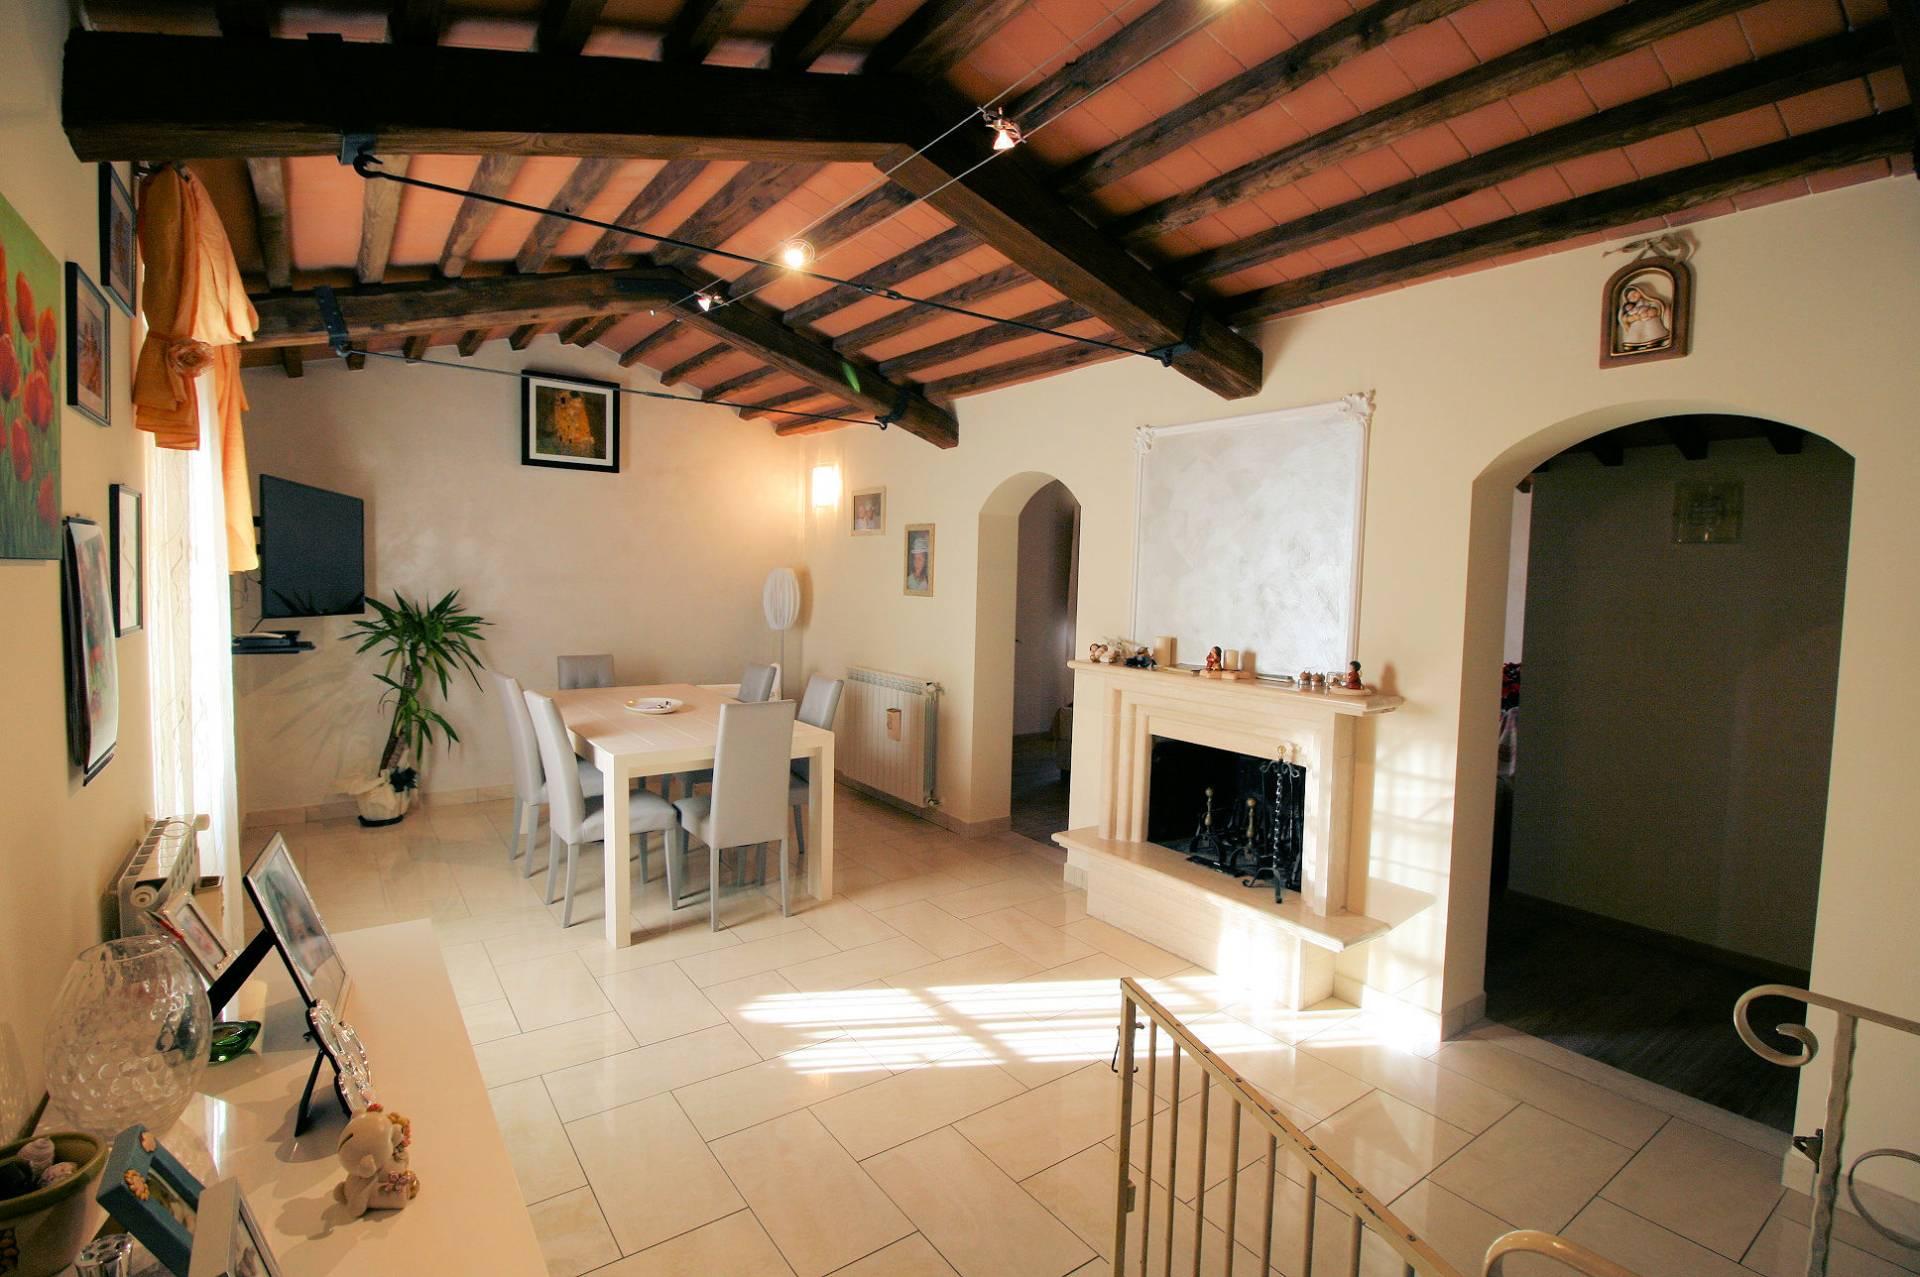 Rustico / Casale in vendita a Pescia, 5 locali, prezzo € 270.000 | CambioCasa.it